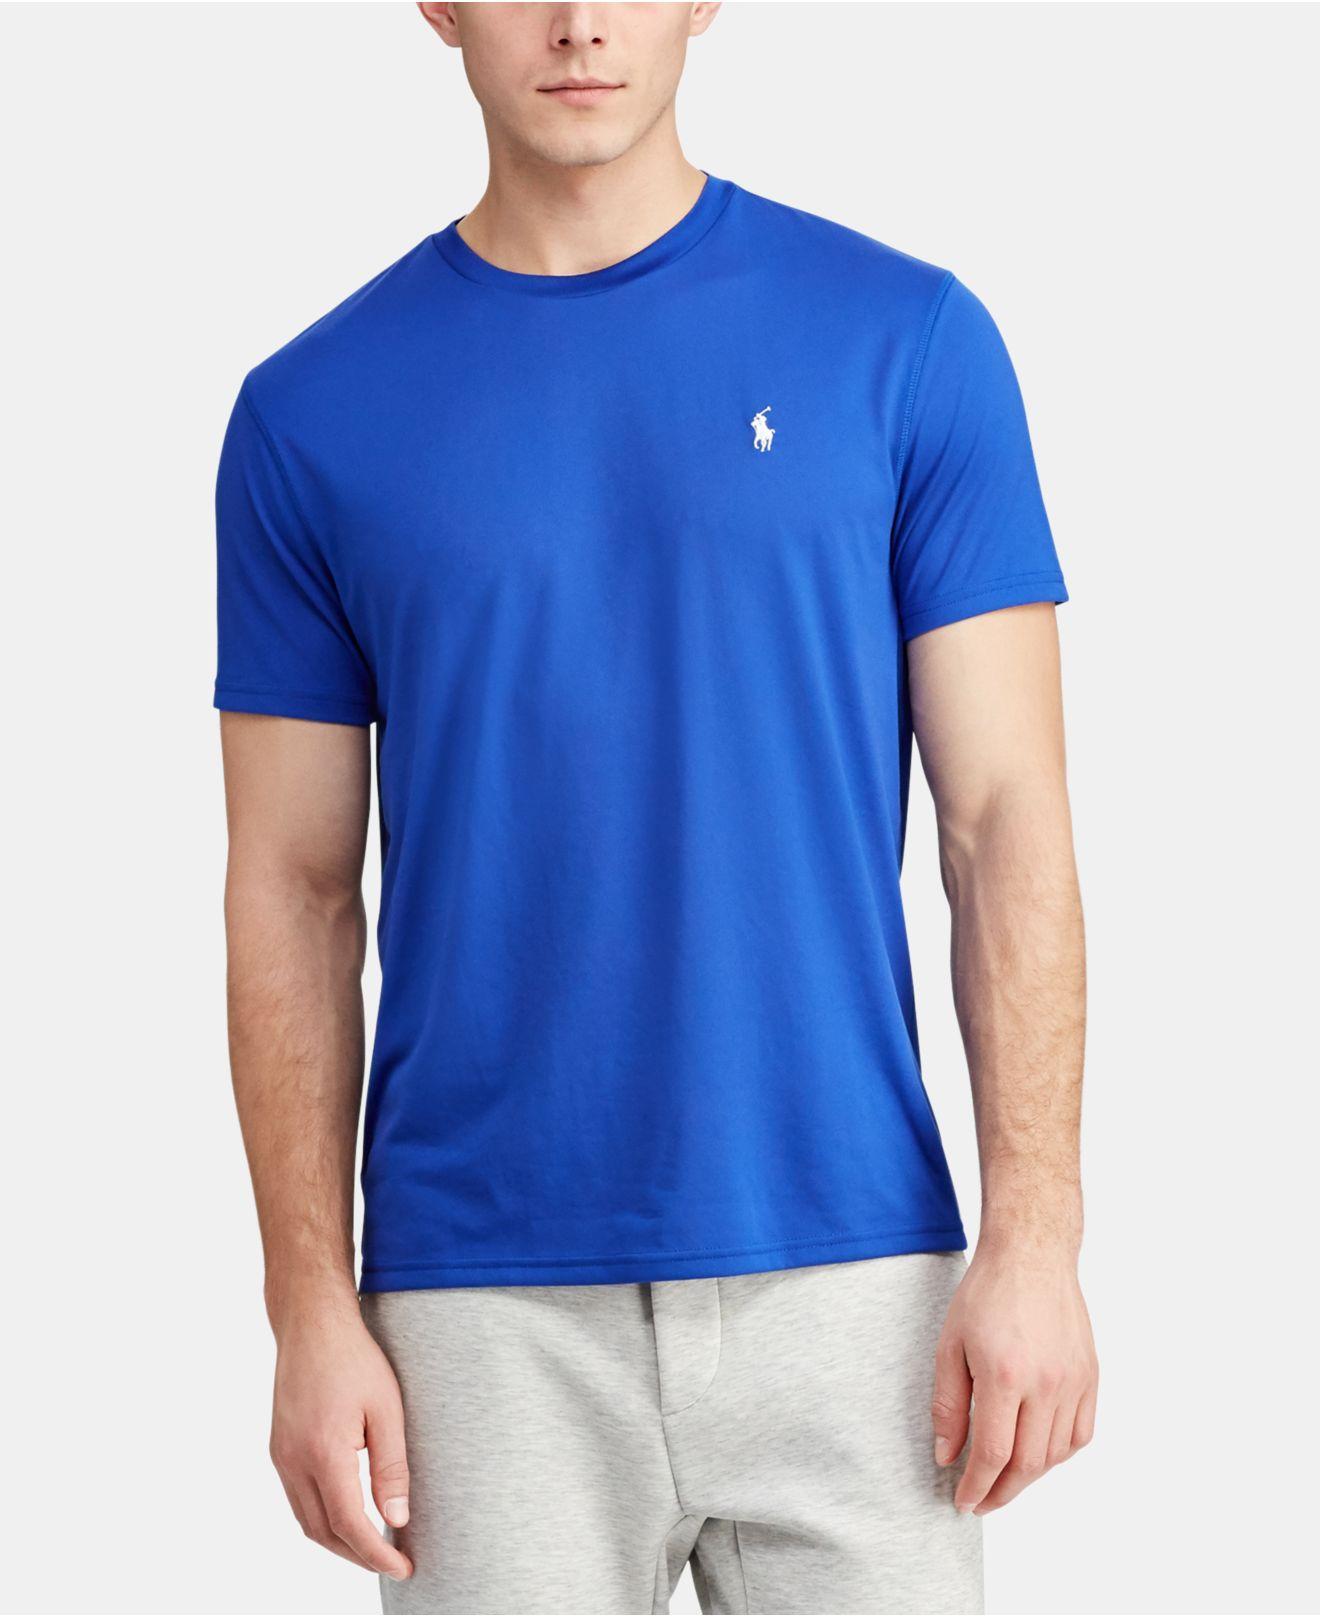 c53a569e444 Lyst - Polo Ralph Lauren Performance Jersey T-shirt in Blue for Men ...